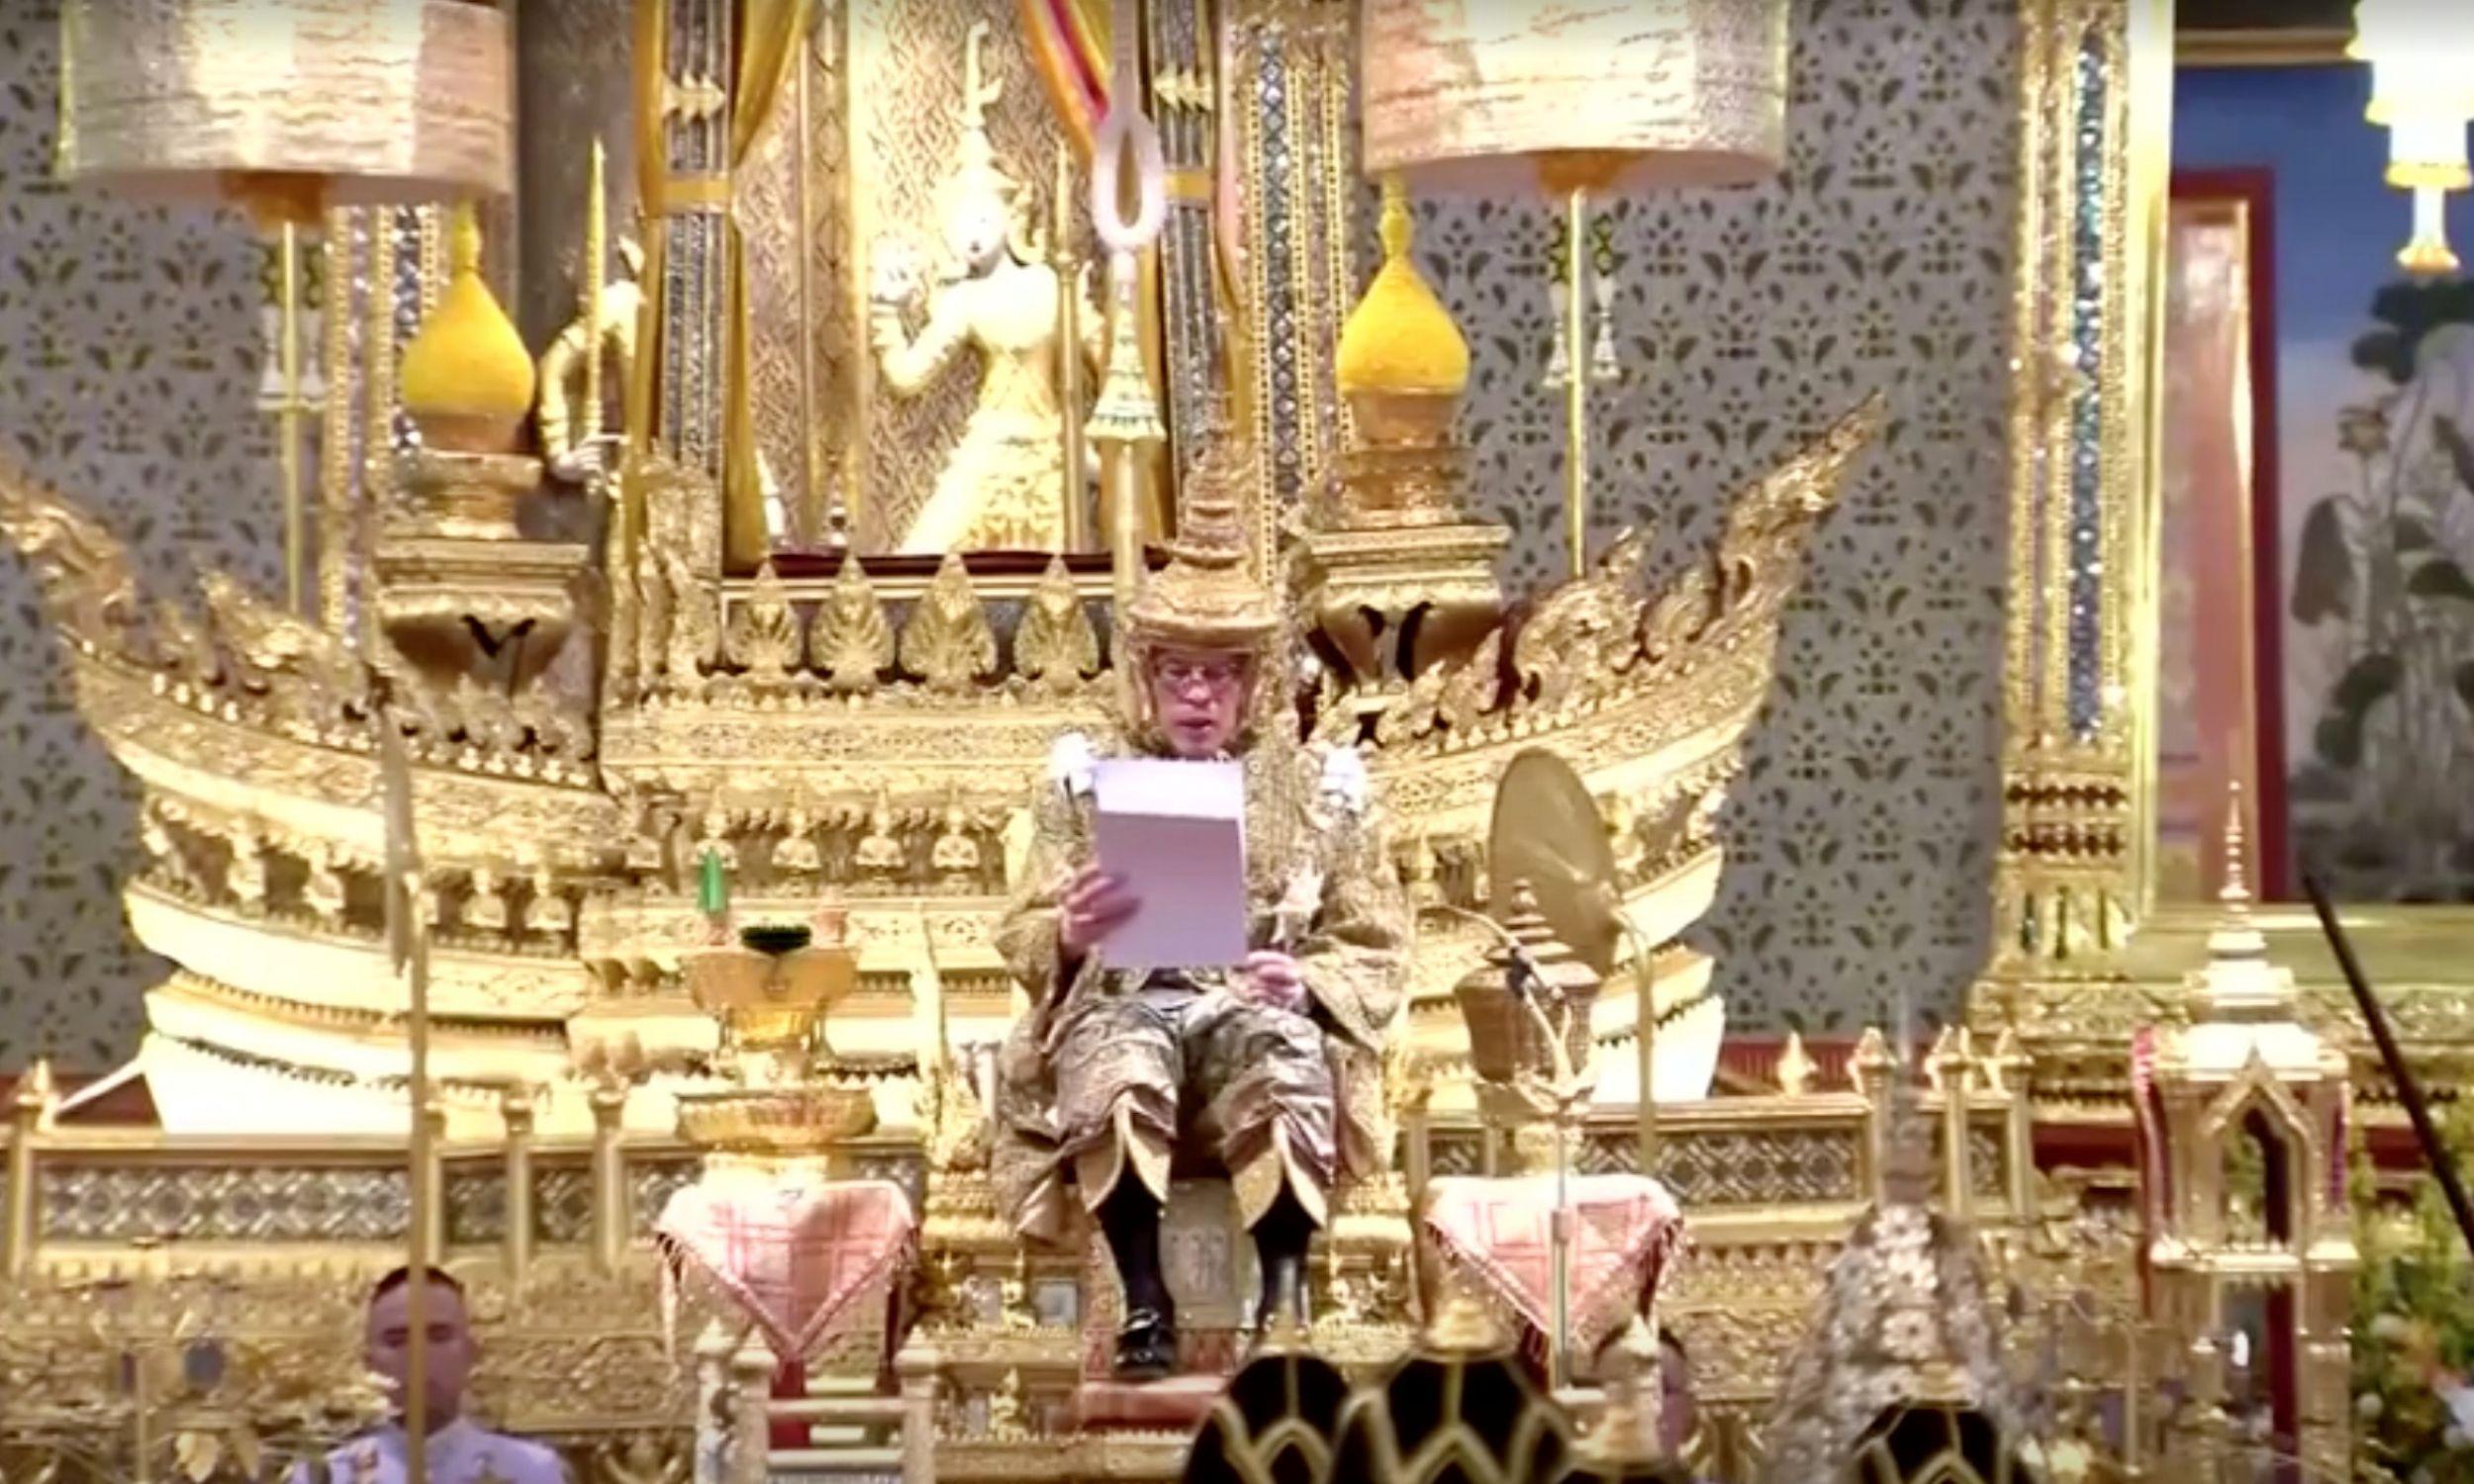 Uroczystości koronacyjne trwały trzy dni. 4 maja Vajiralongkorn włożył na głowę koronę i przemówił do narodu. Fot.Thai TV Pool/via REUTERS